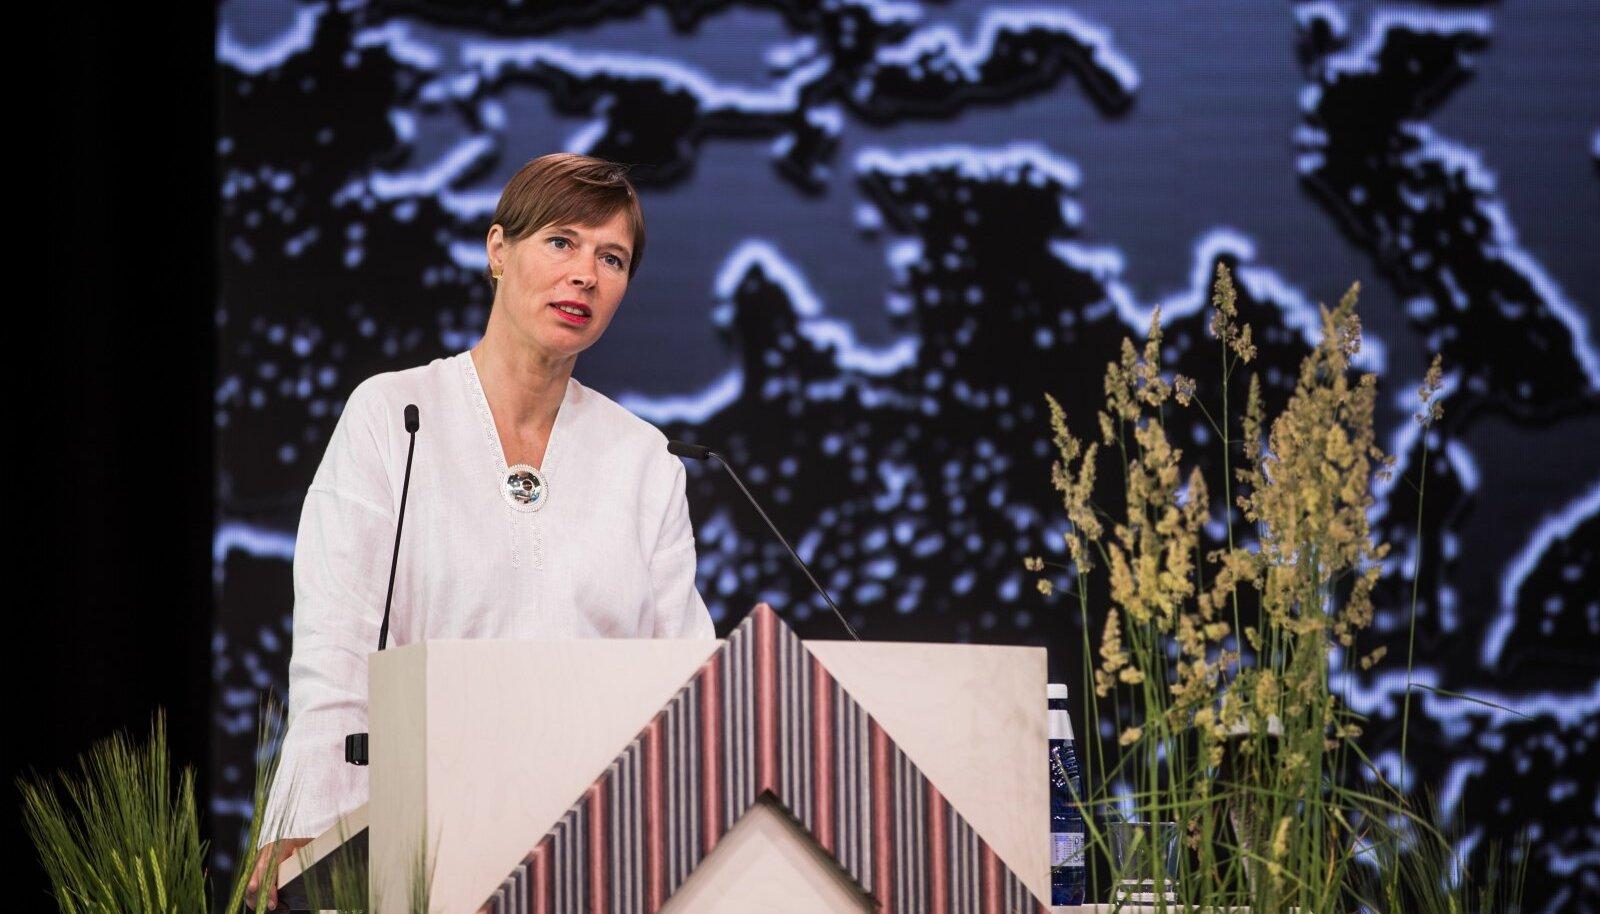 VIII soome-ugri rahvaste maailmakongress